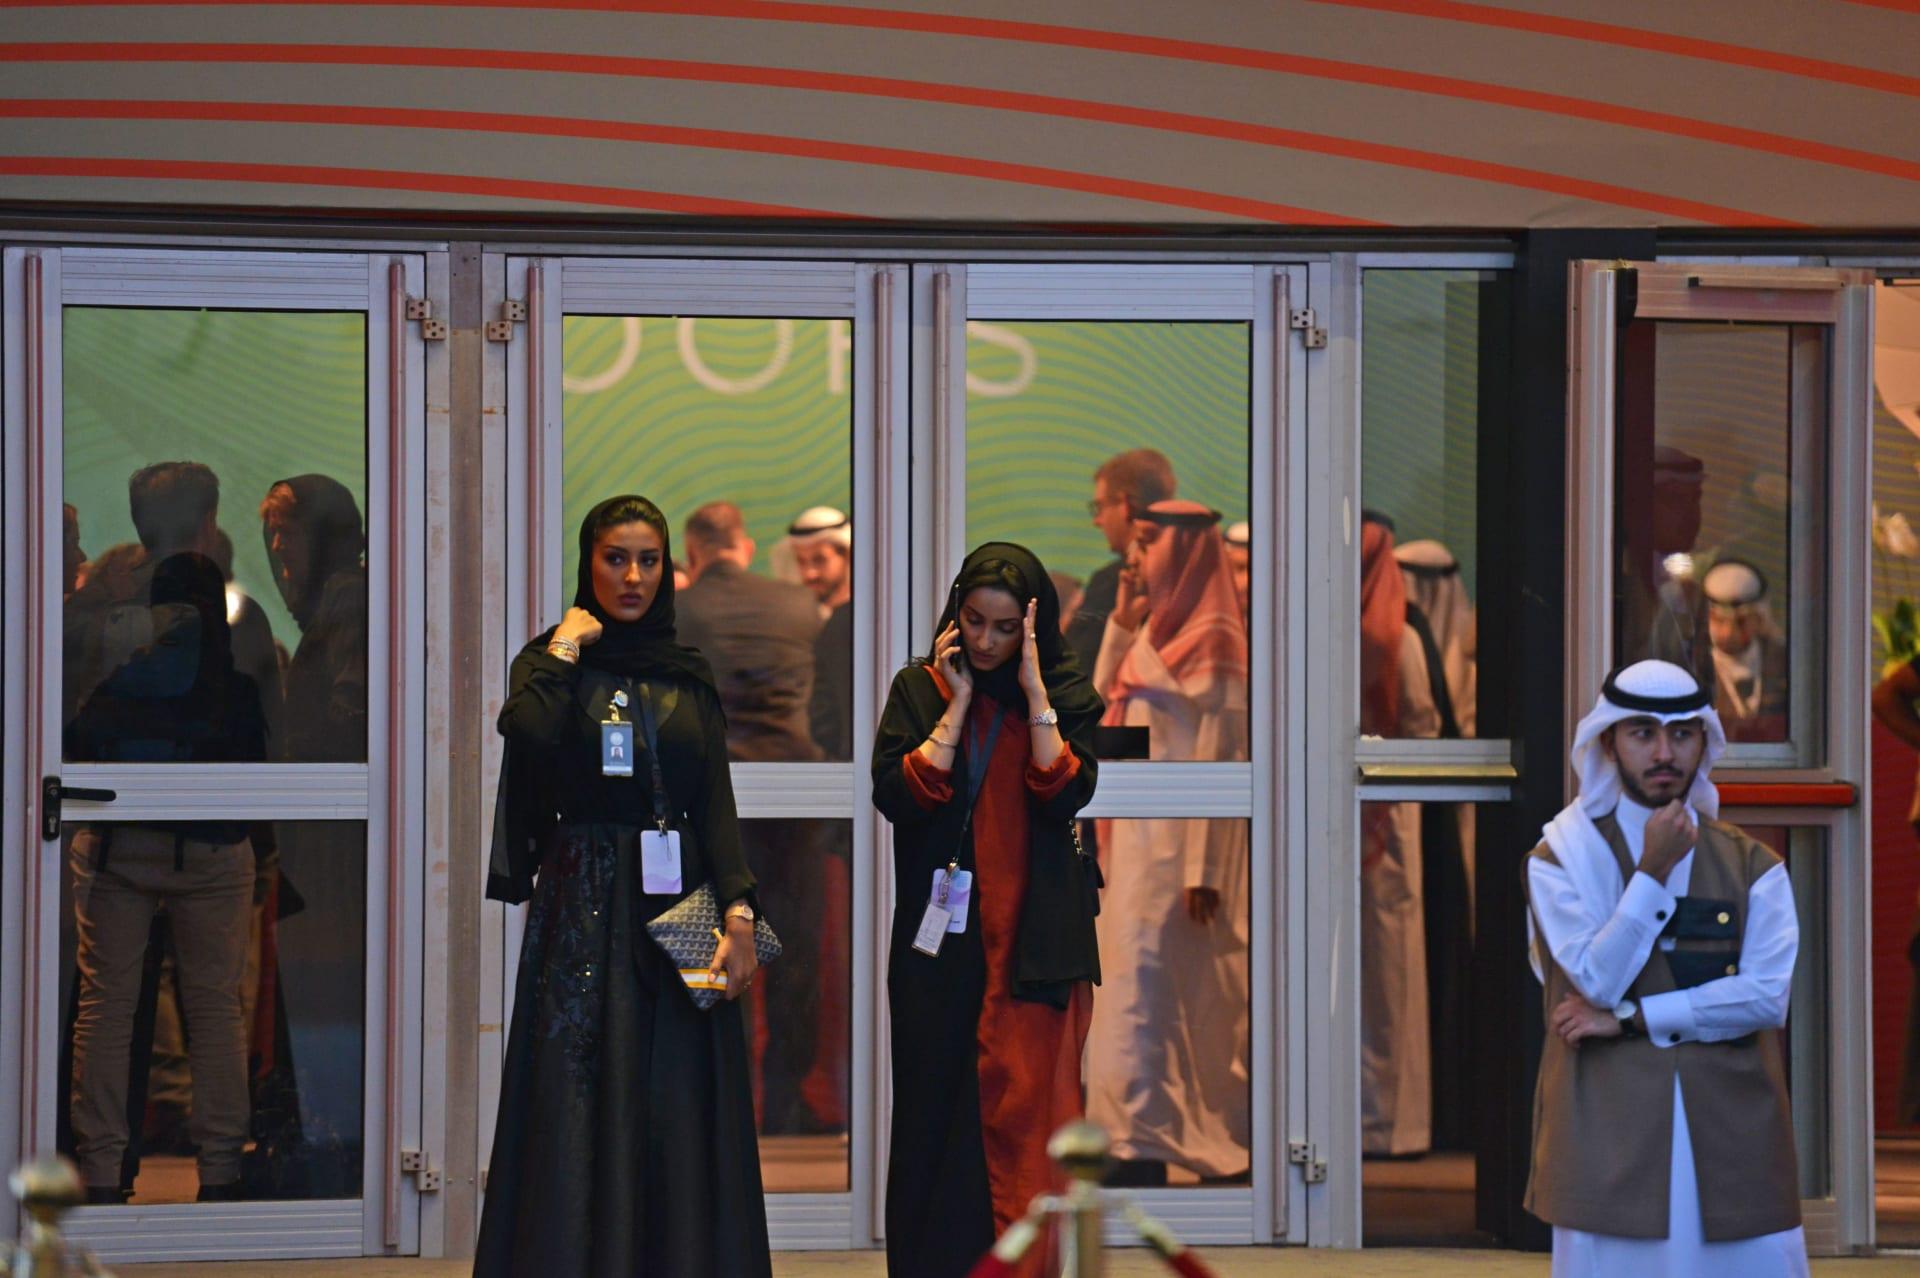 """تصنيف السعودية """"النسوية"""" بمثابة """"تطرف"""" يثير جدلا عبر تويتر"""